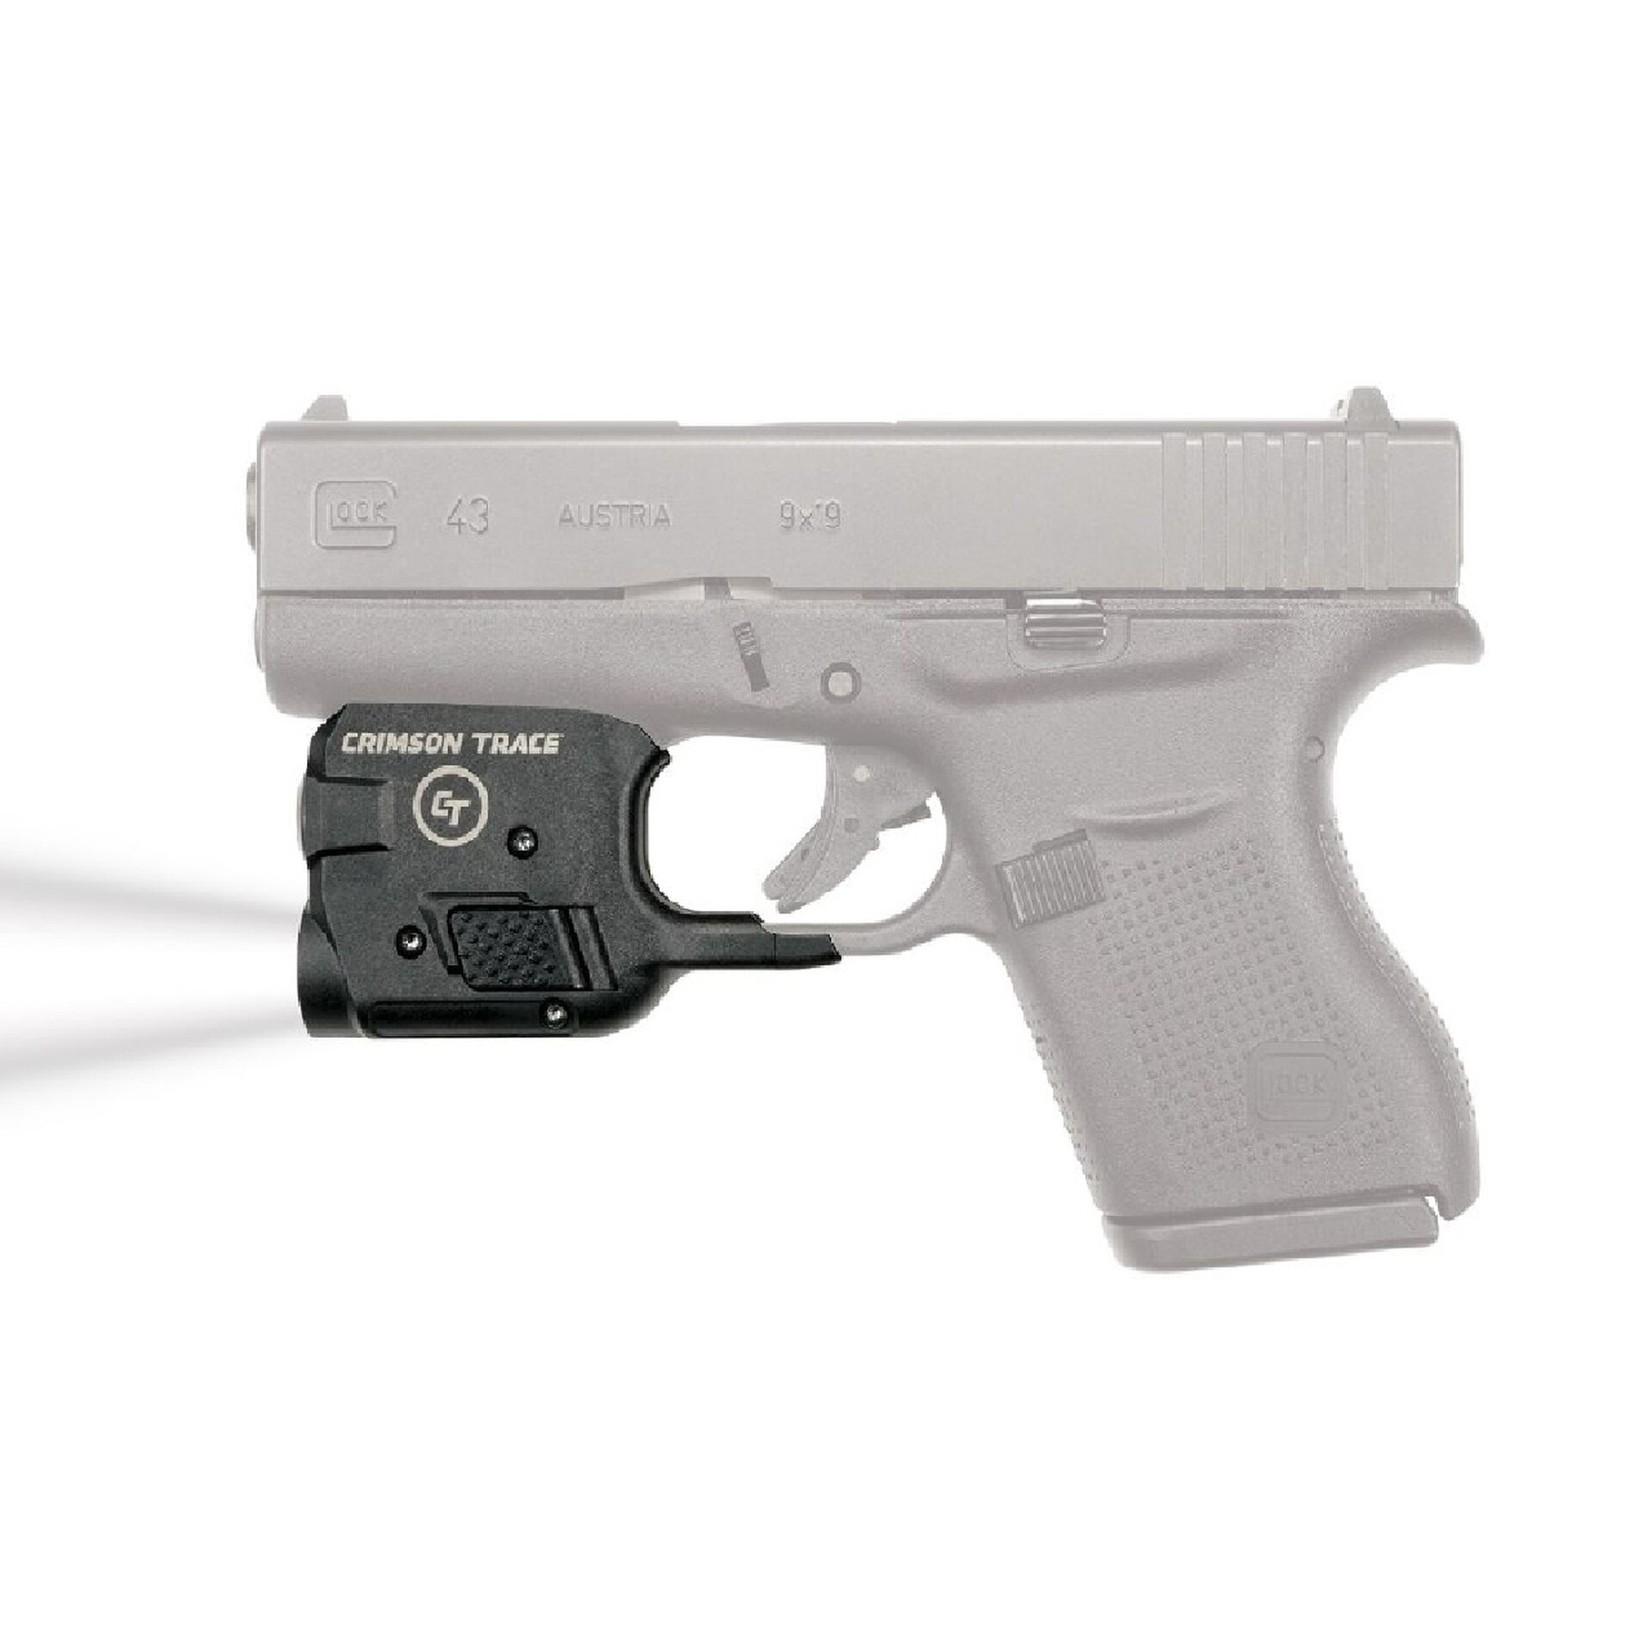 Crimson Trace LTG-773 Lightguard for Glock G42 G43 G43X G48 (LTG-773)